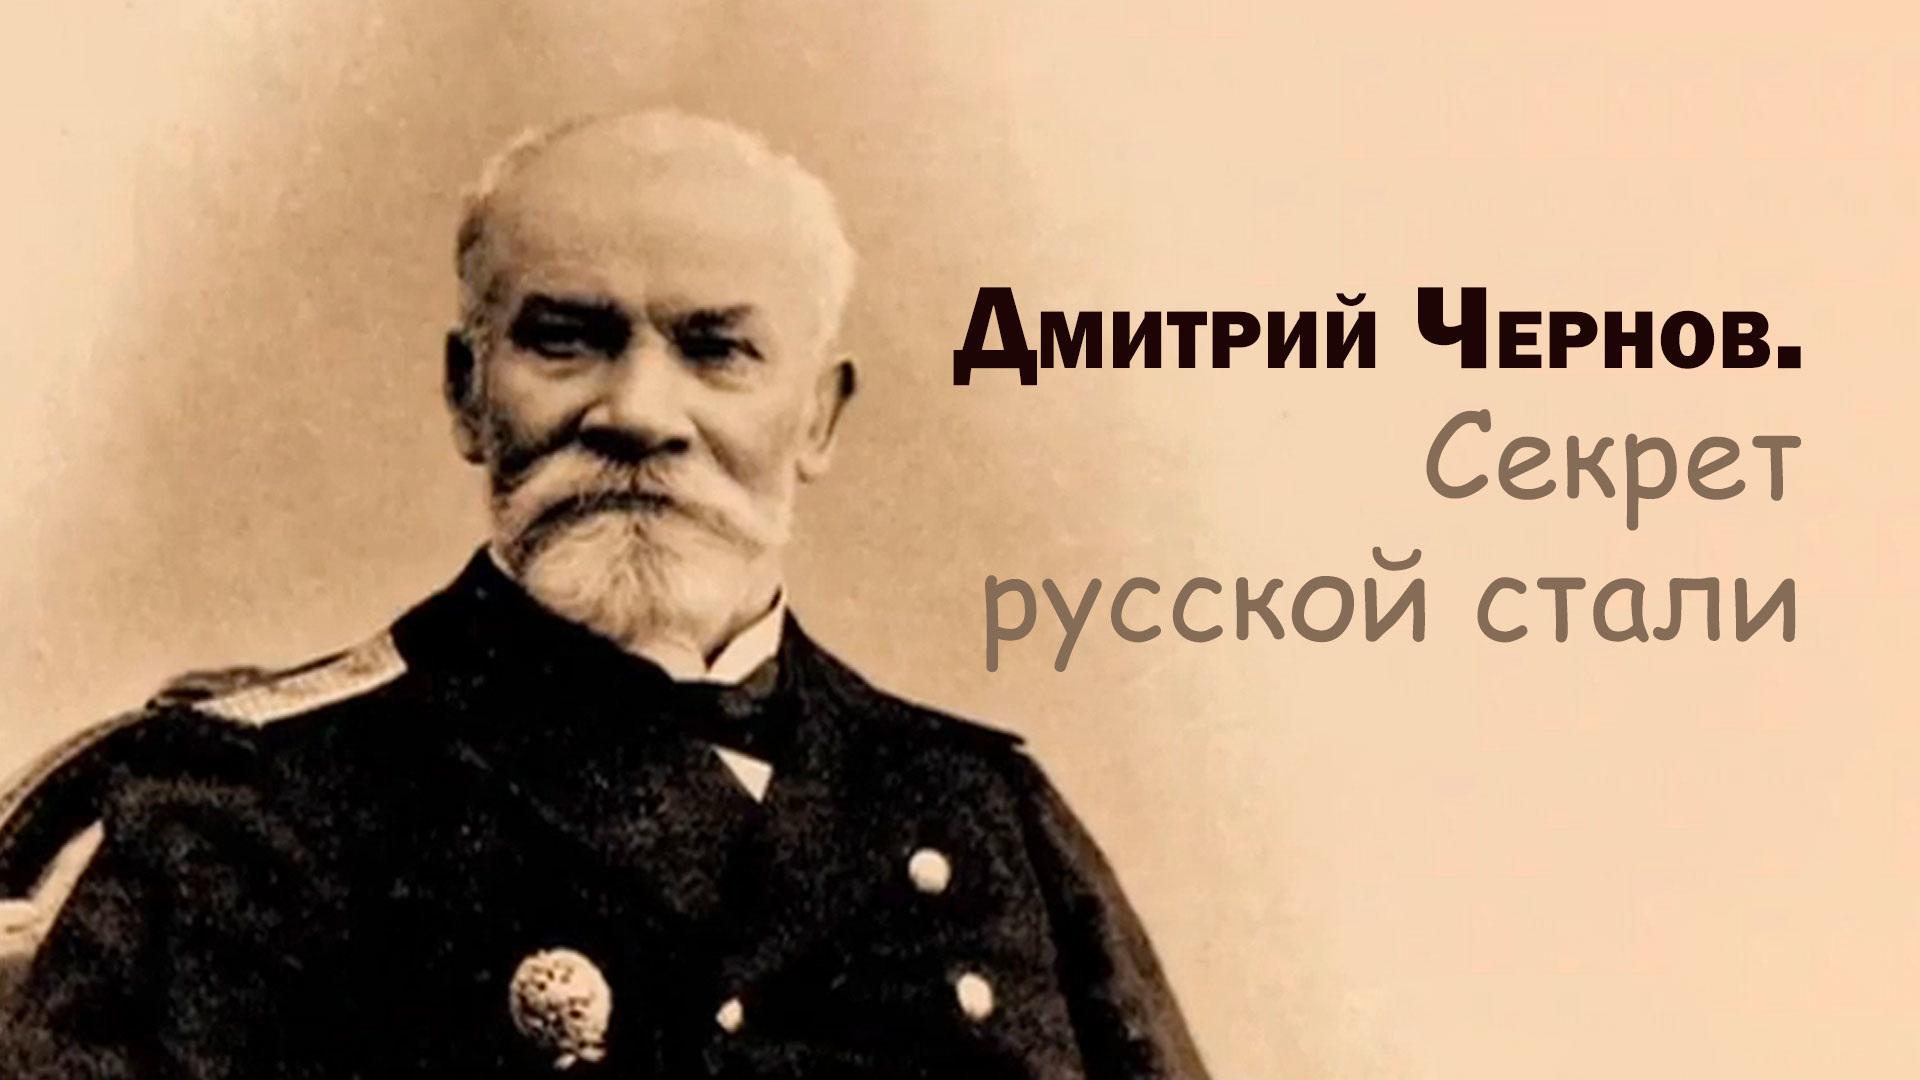 Дмитрий Чернов. Секрет русской стали